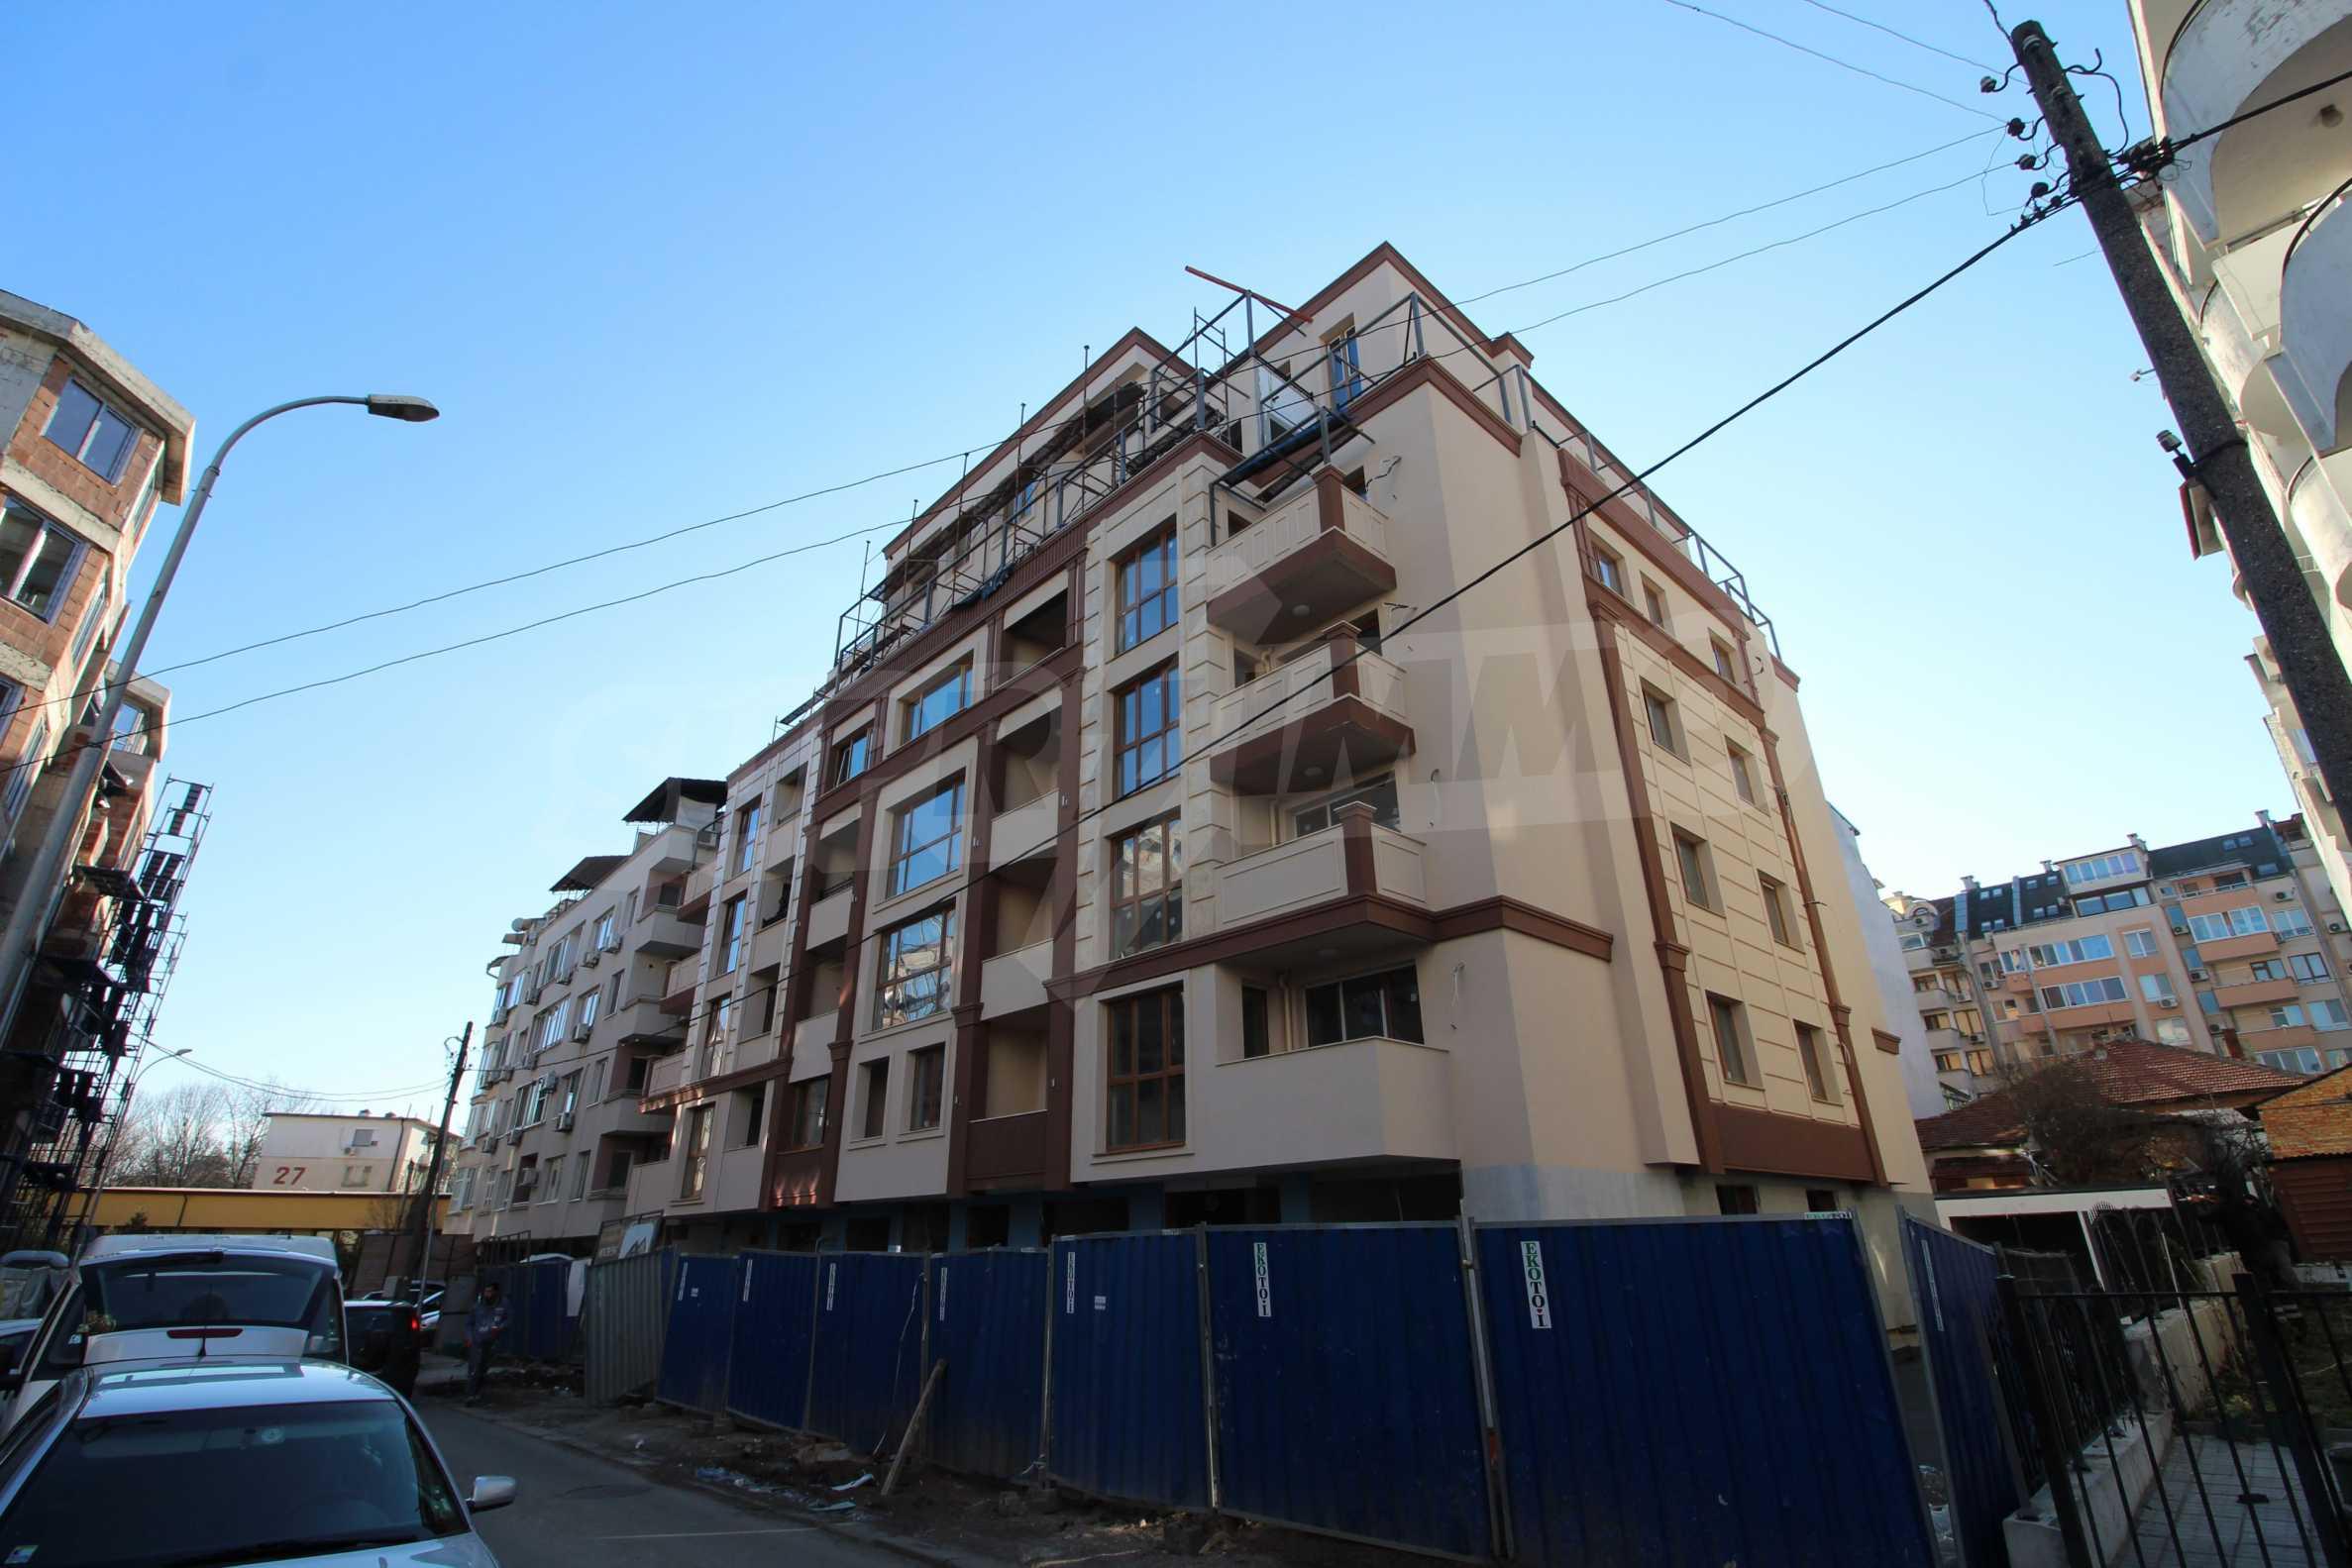 Елитен жилищен комплекс в кв. Лазур, г. Бургас 6